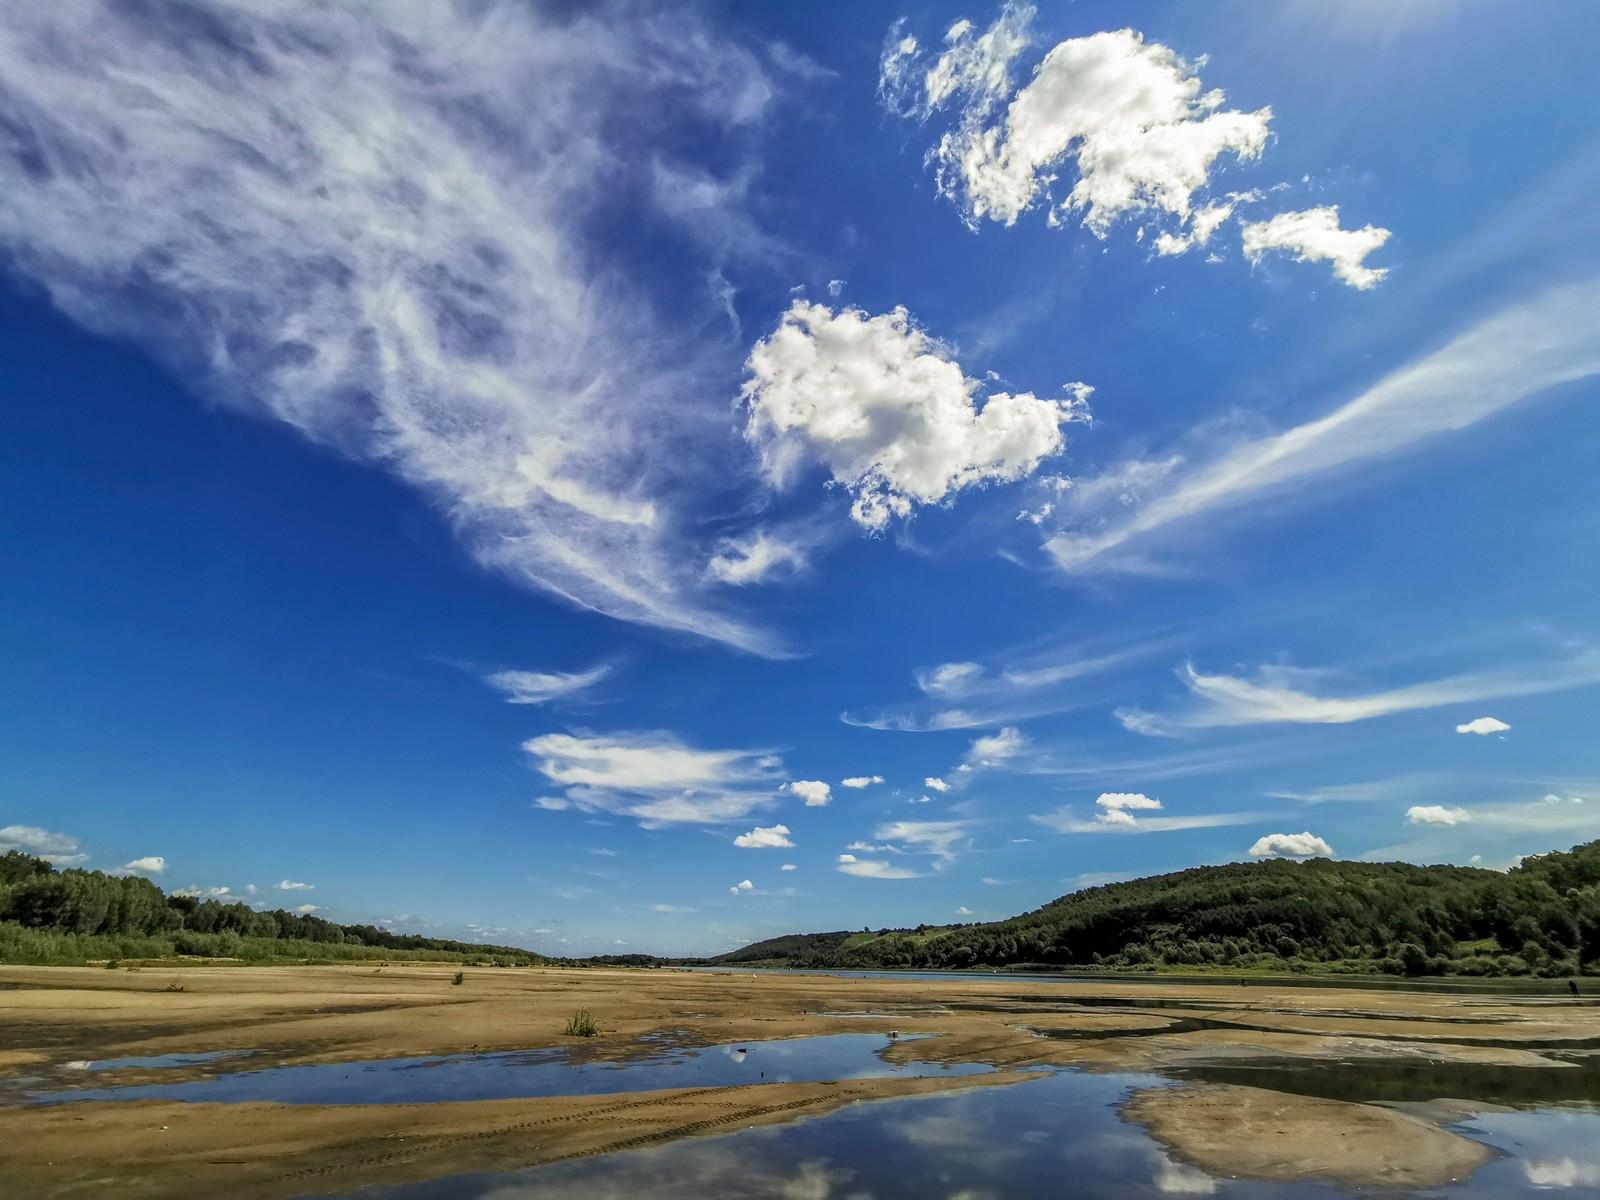 Обои Облака, необыкновенно, Пейзаж, яркие тона. Природа foto 11